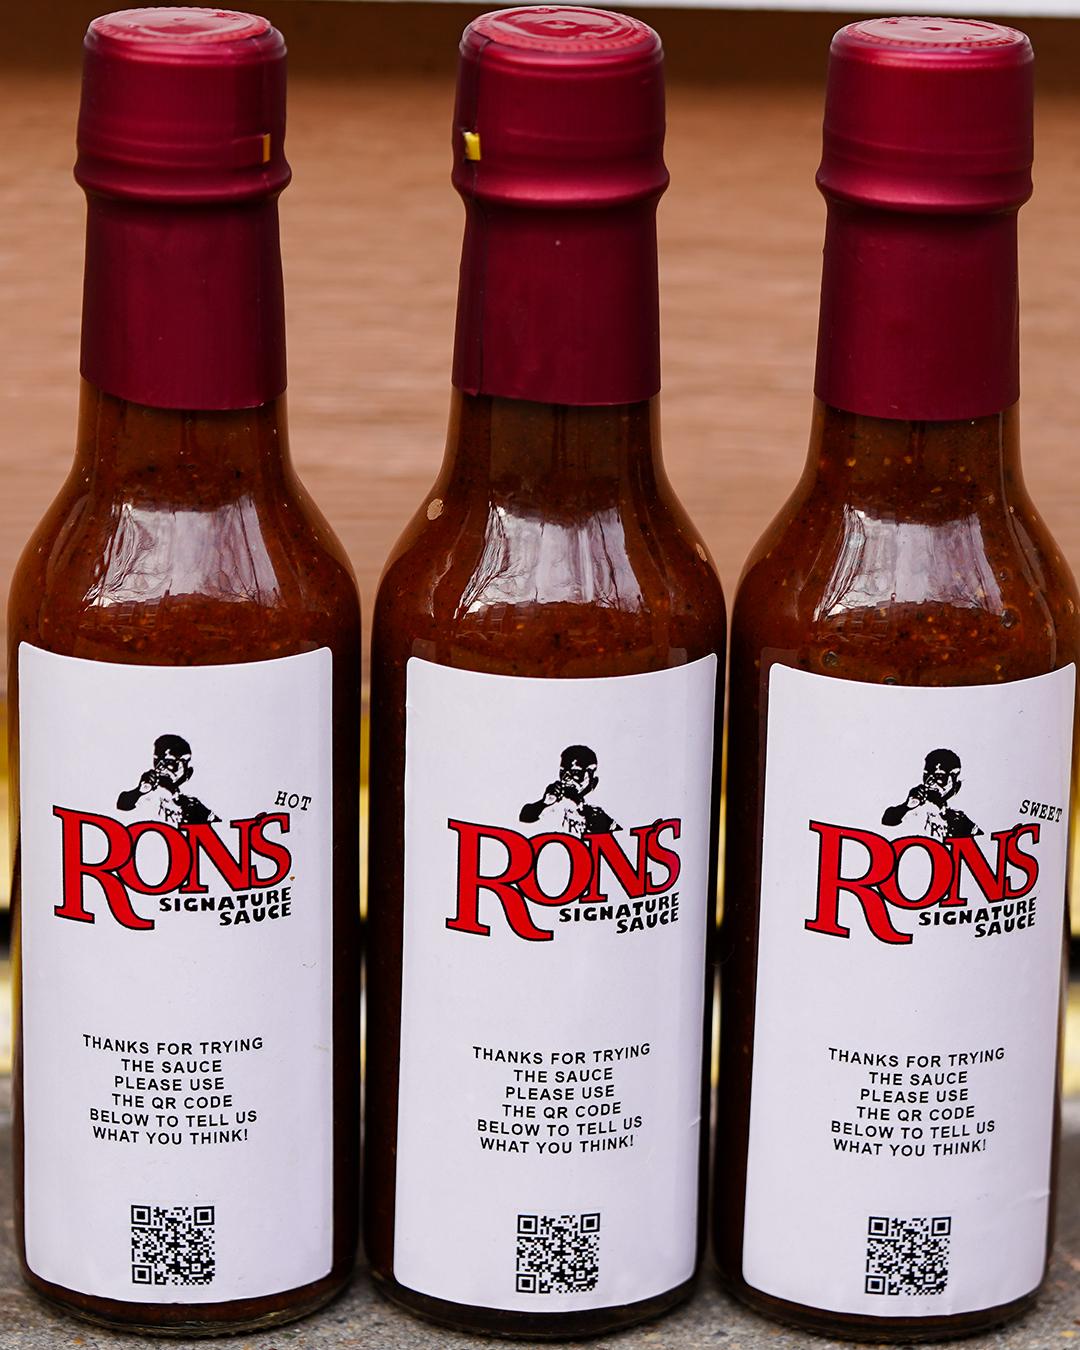 Ron's signature Sauce